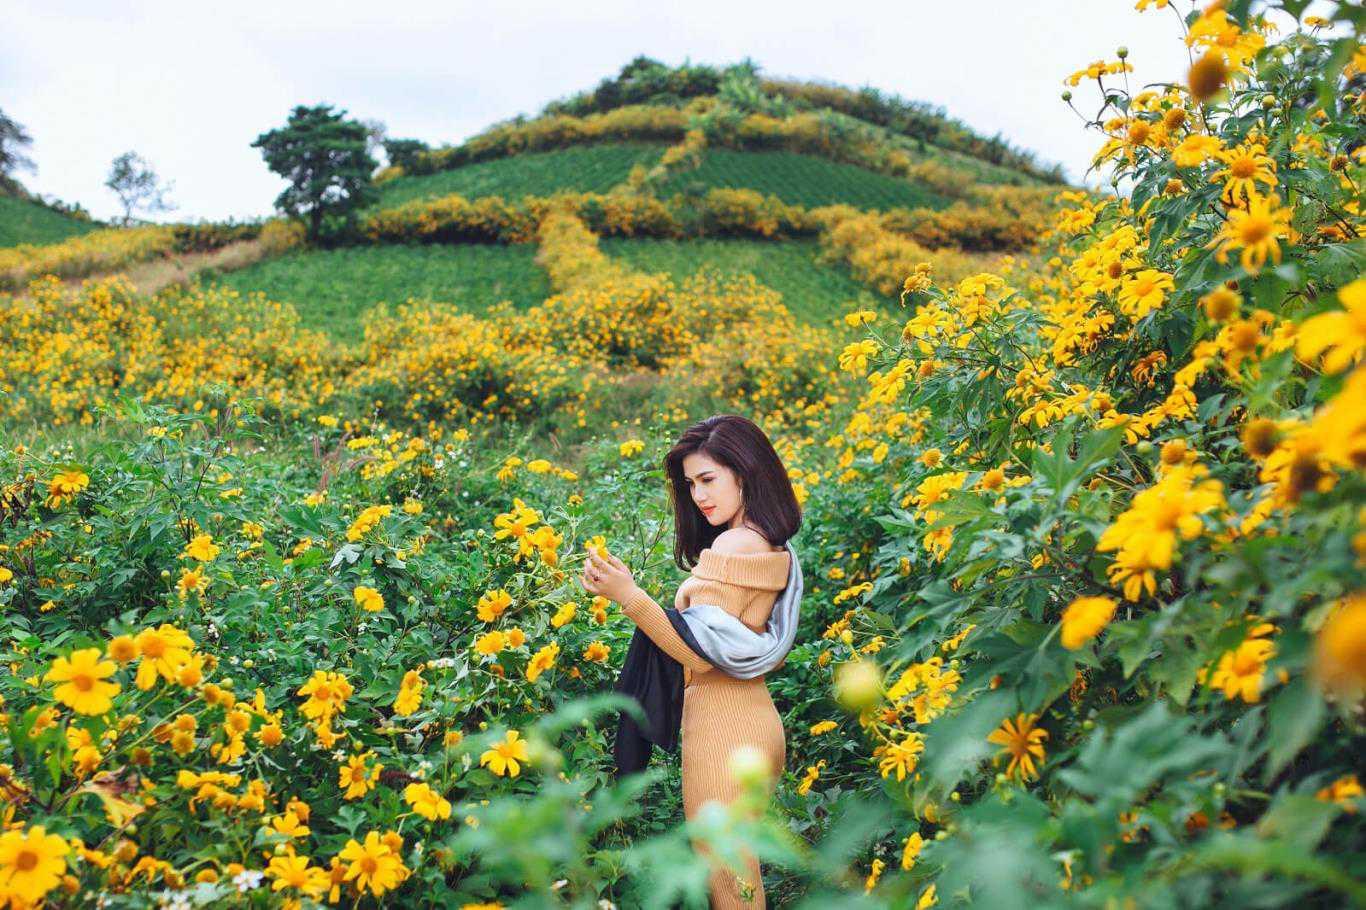 hình ảnh hoa dã quỳ 14